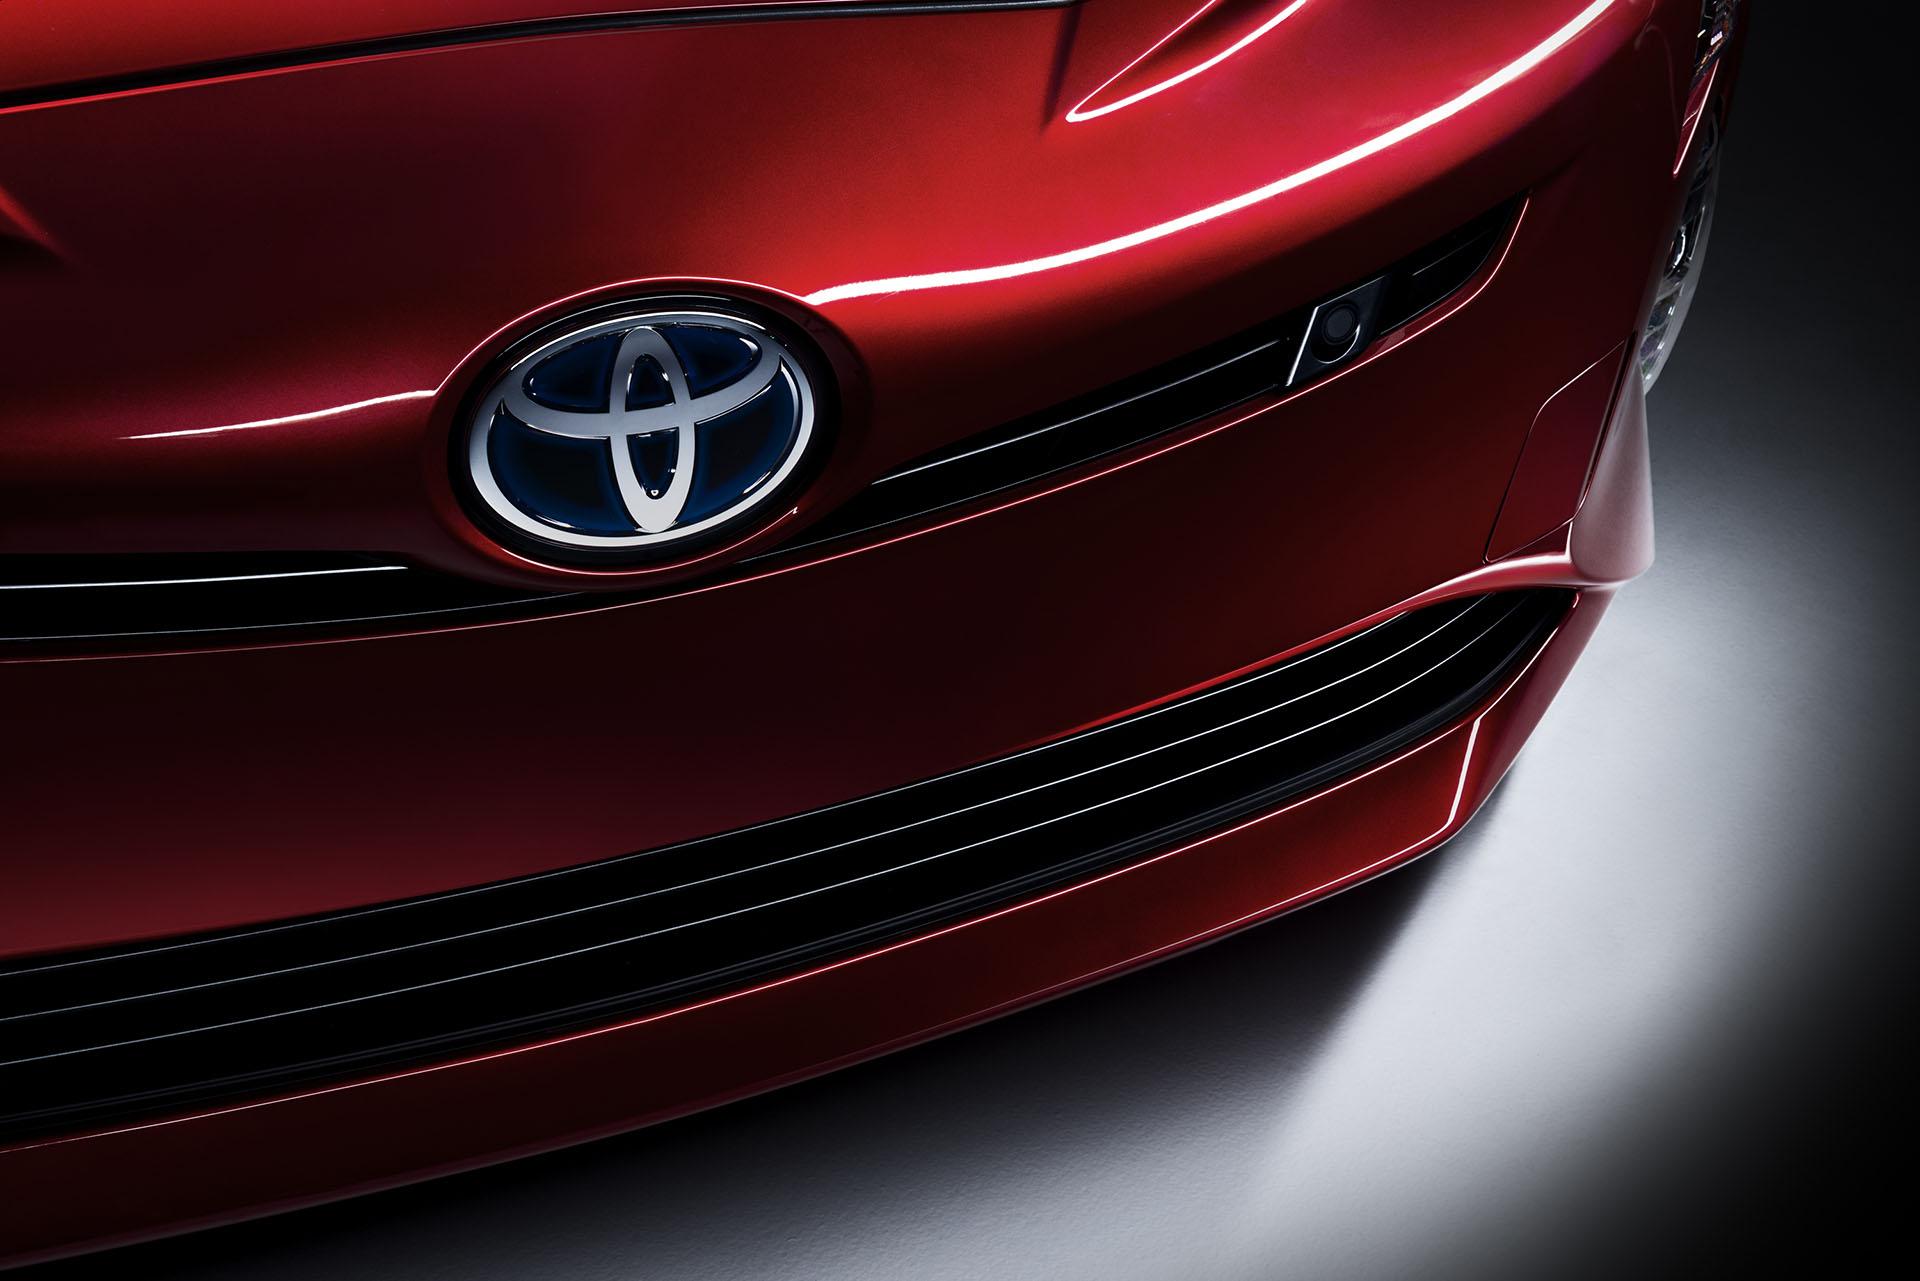 Information officielle sur Prius 4 au salon de Francfort: 18% de consommation en moins